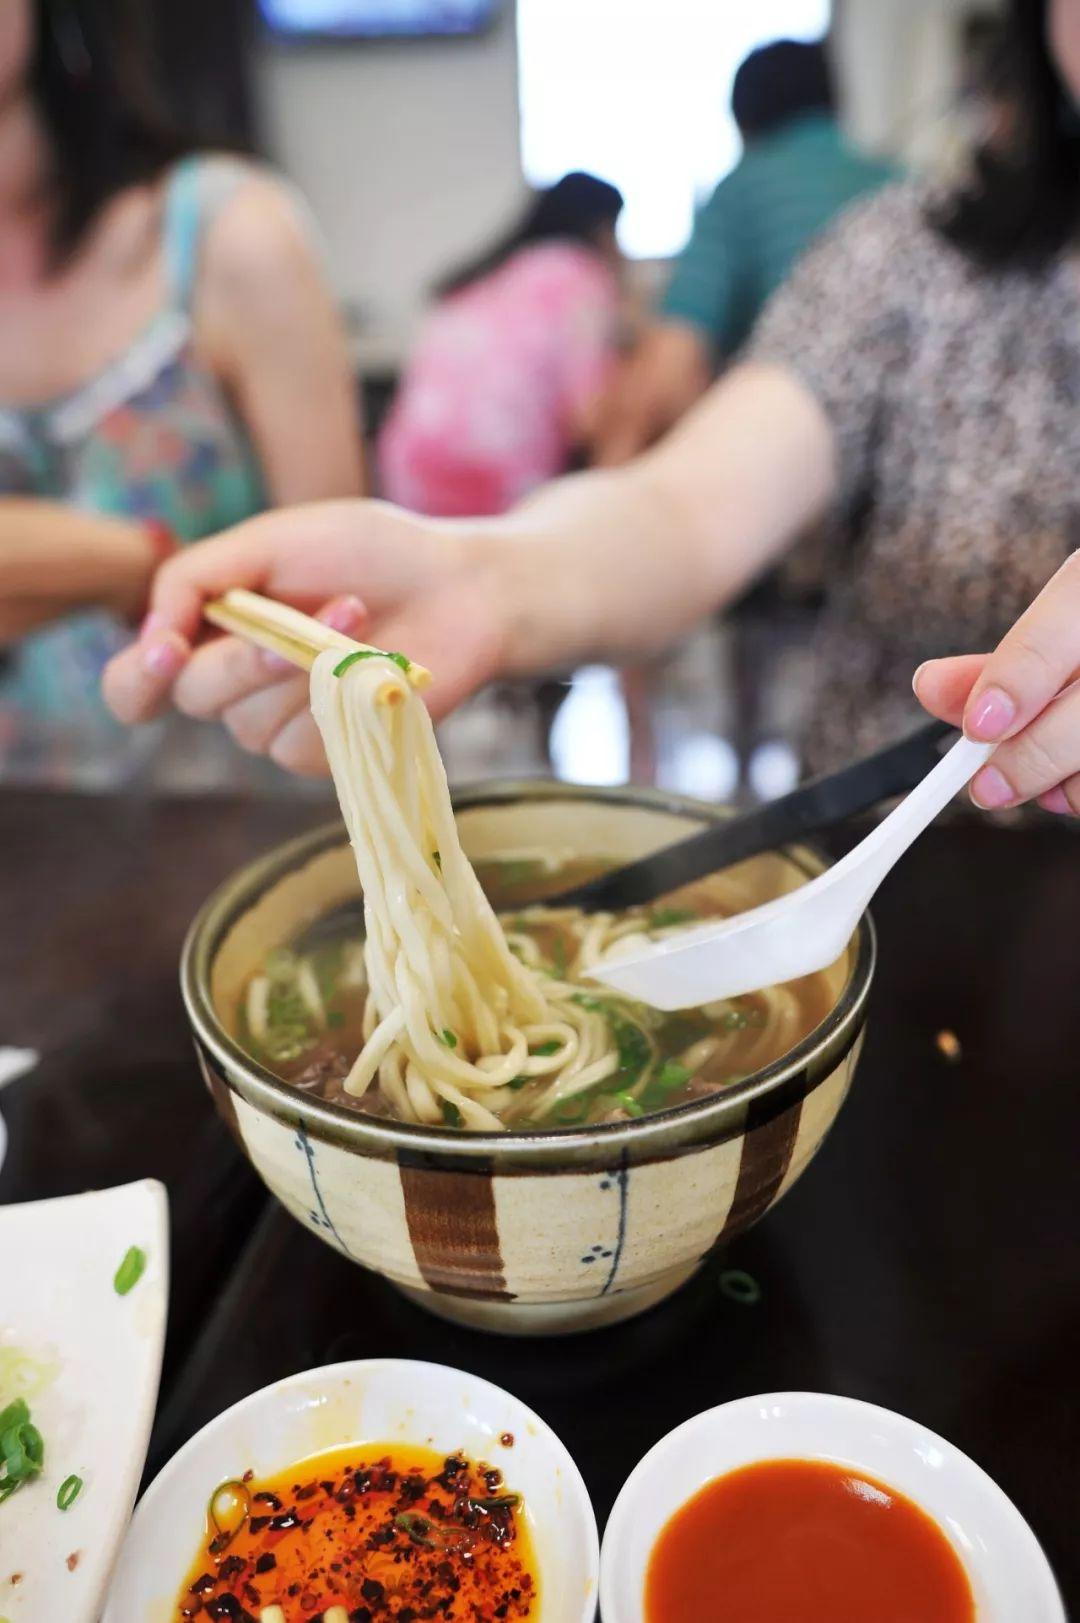 想吃中国最块大料足的那碗面?去台湾啊!